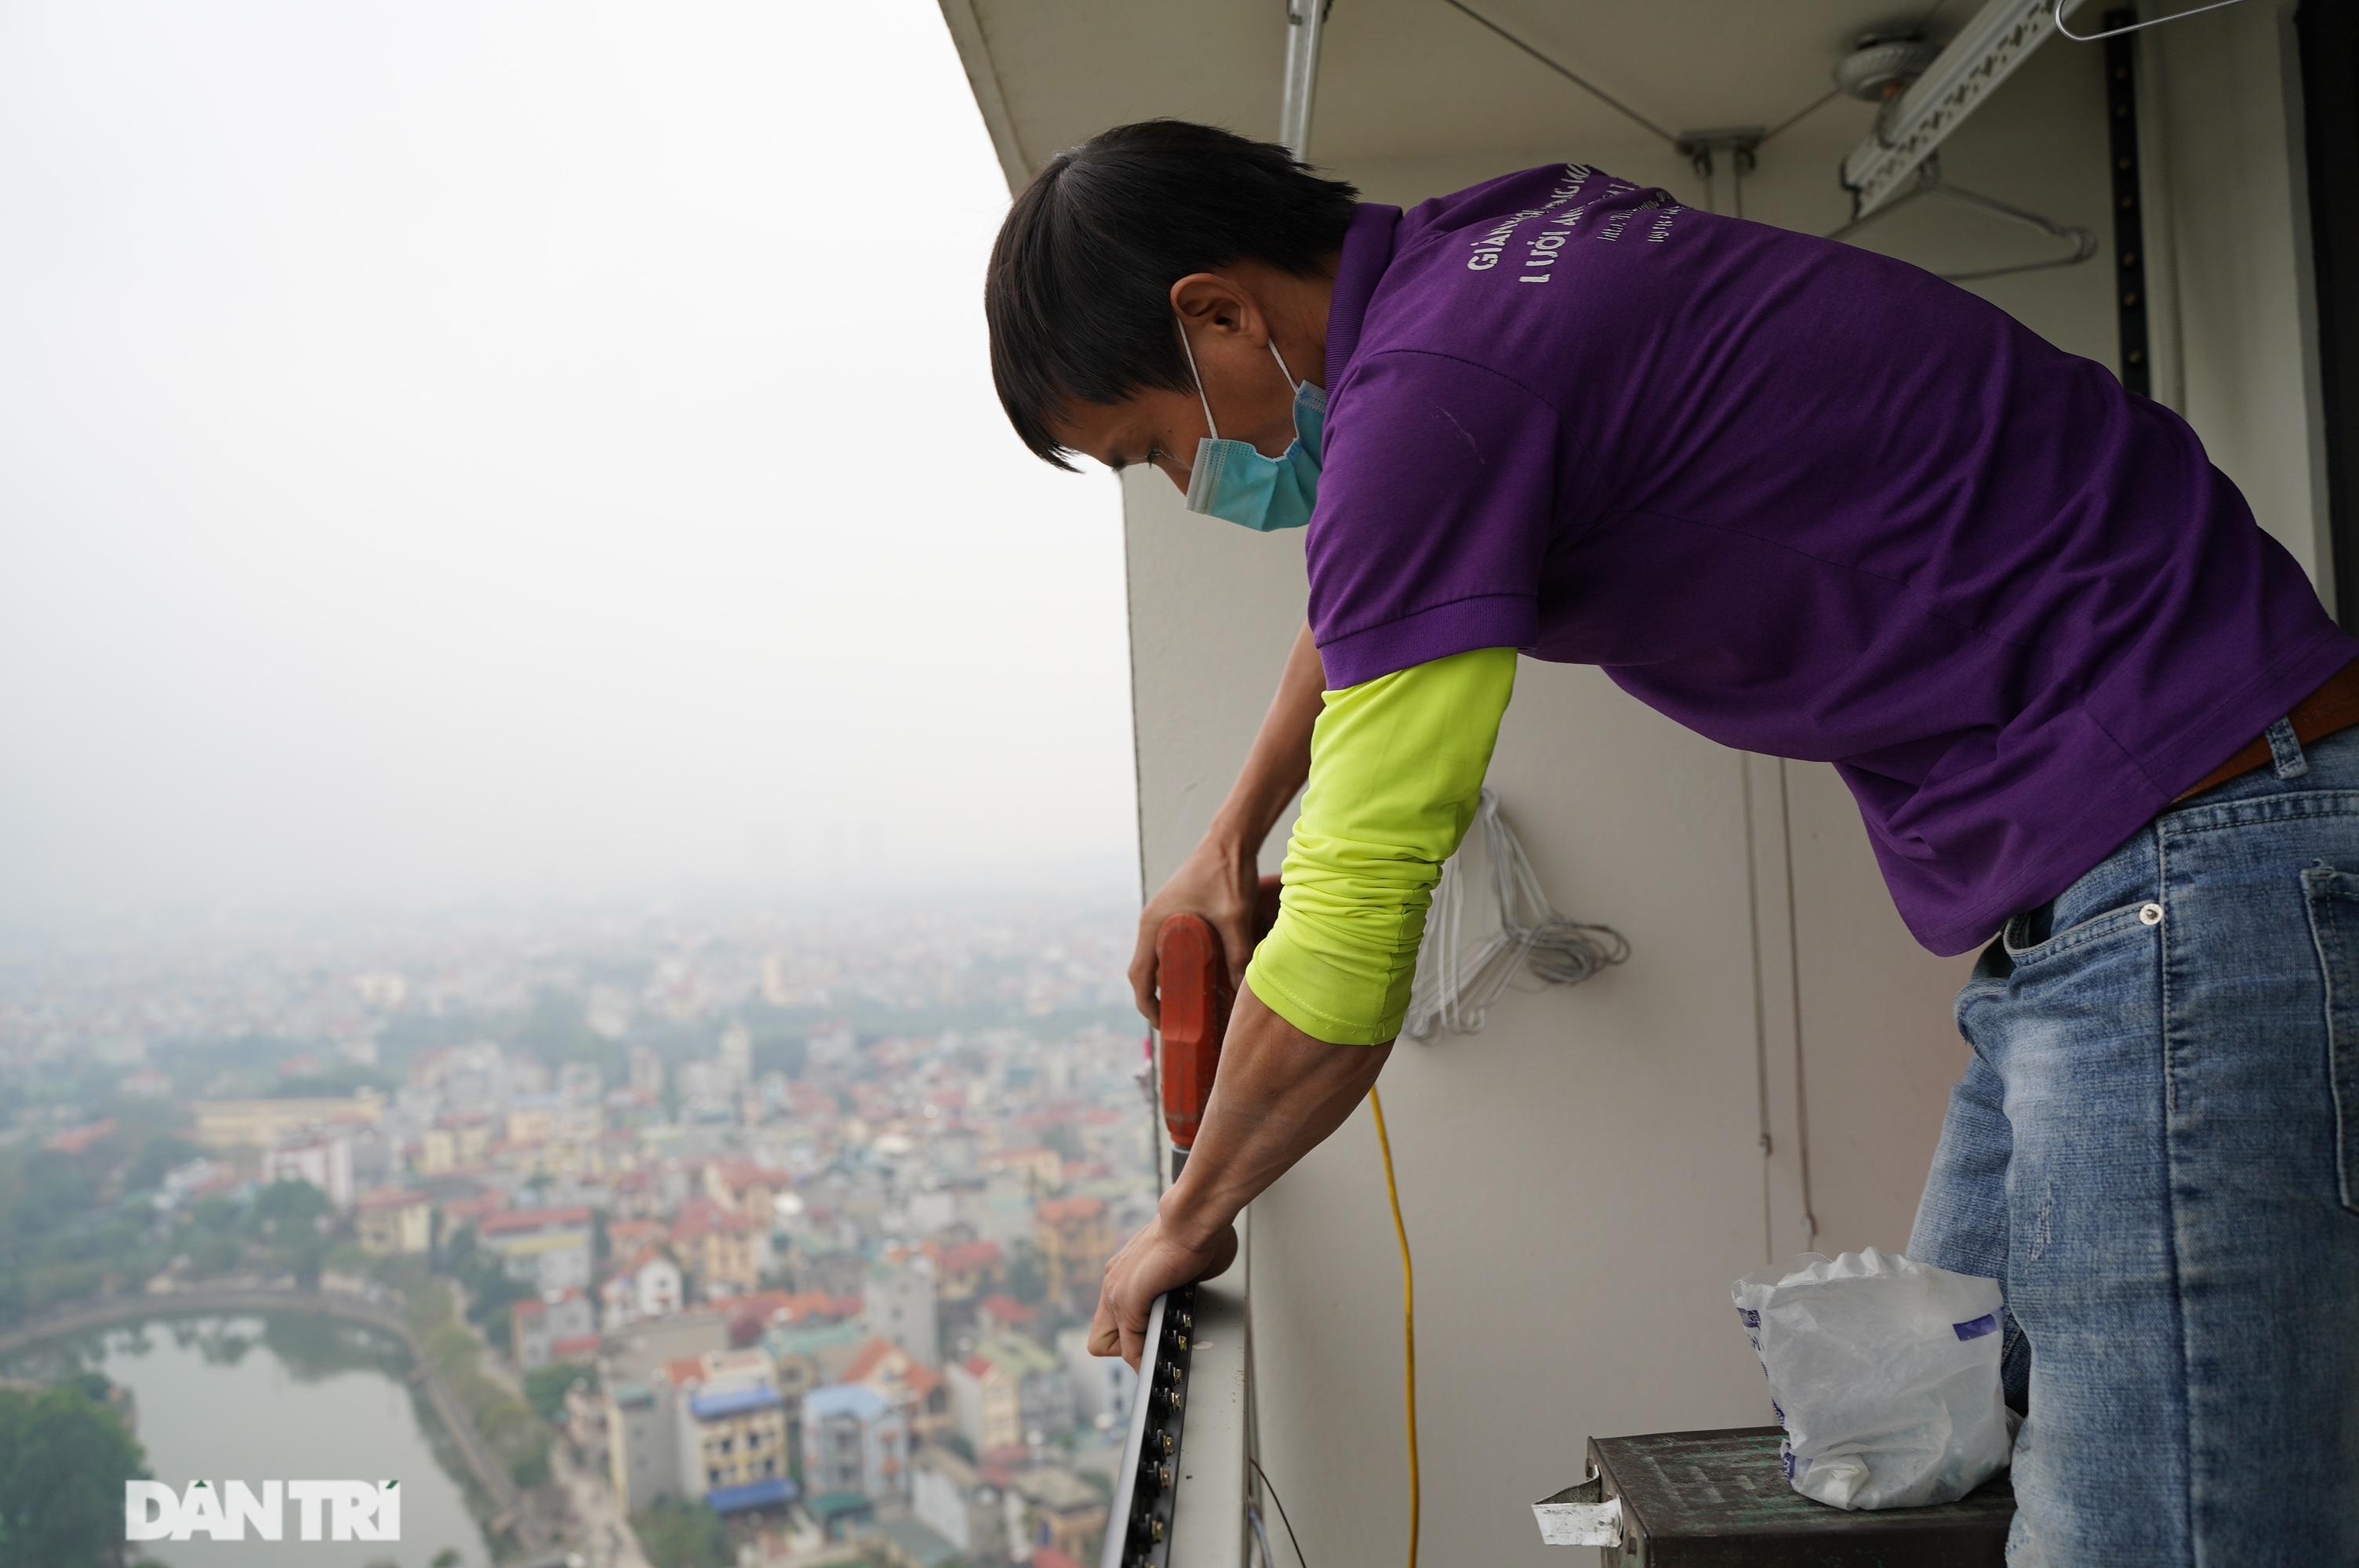 Lưới an toàn ban công được lắp đặt như thế nào tại các chung cư ở Hà Nội - 7